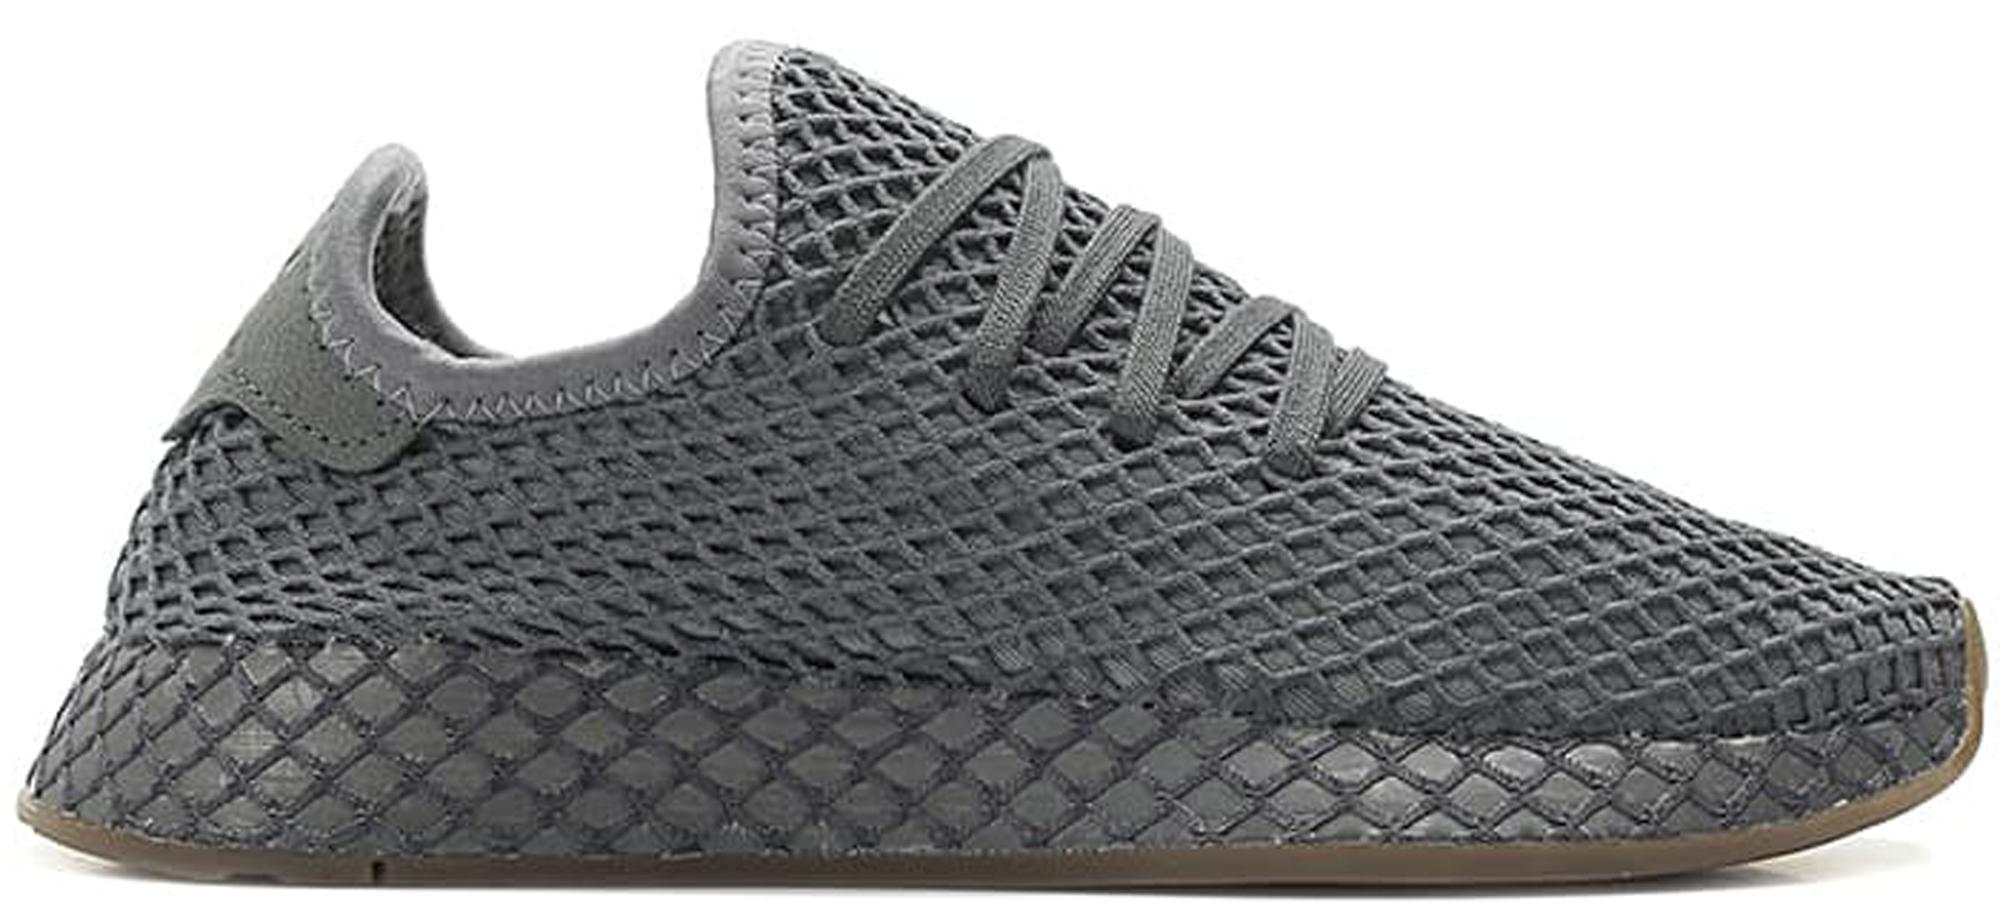 adidas Deerupt Grey Gum (Youth) - DA9609